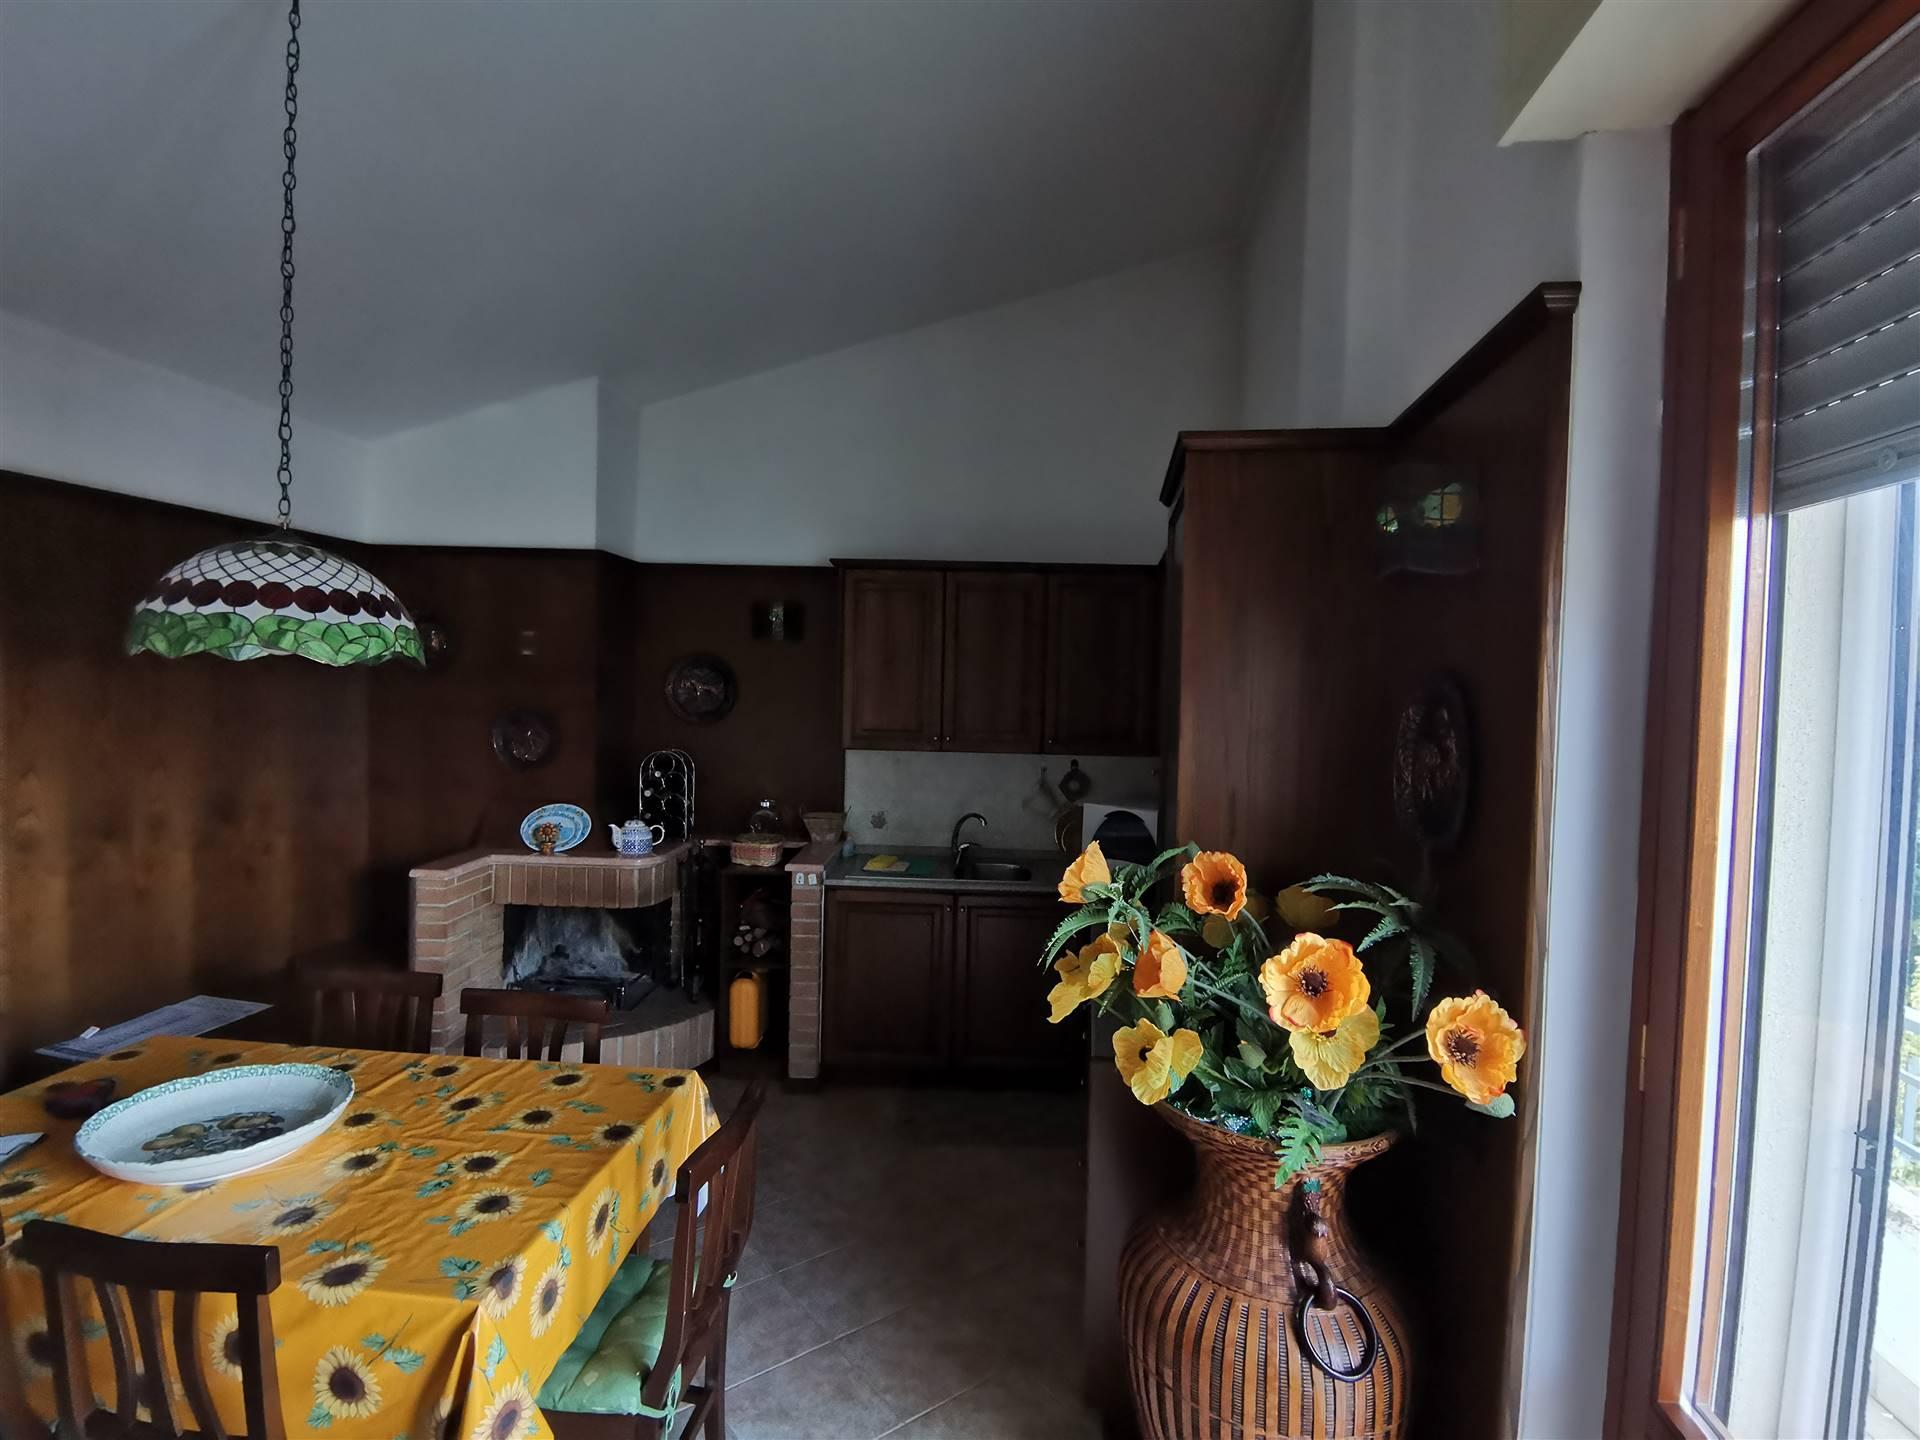 Attico / Mansarda in vendita a Montella, 4 locali, prezzo € 100.000 | PortaleAgenzieImmobiliari.it